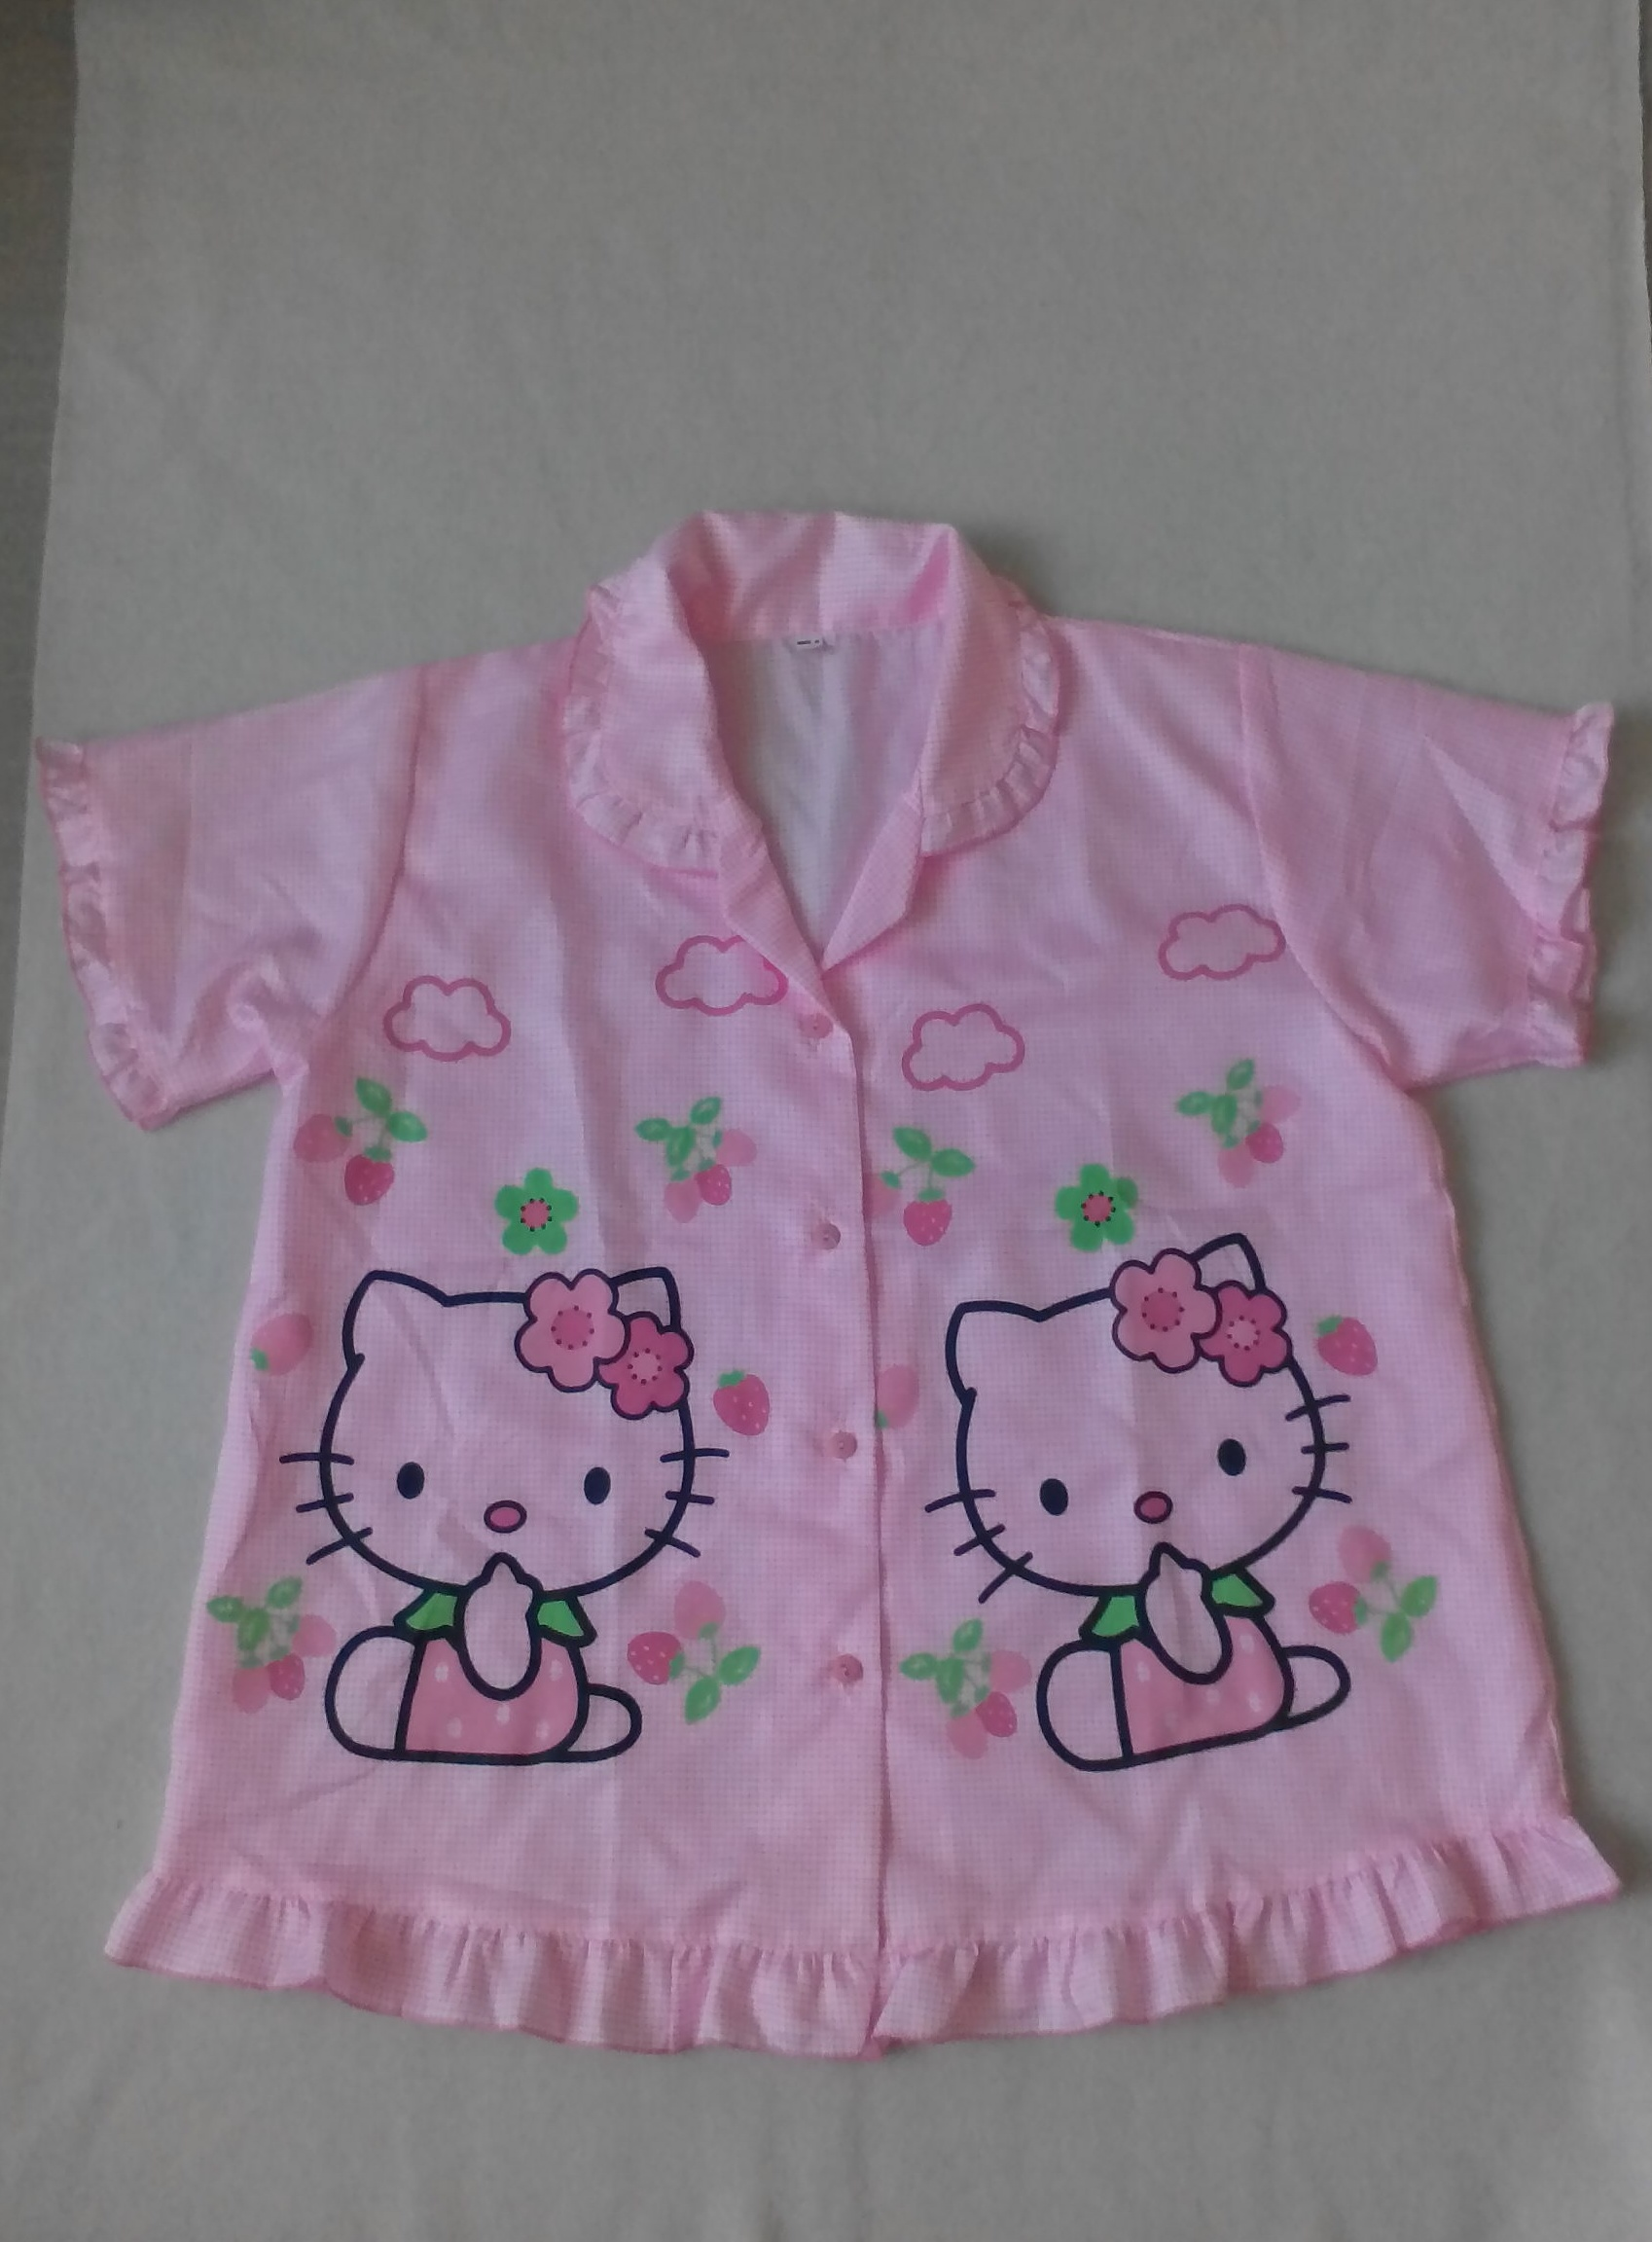 ชุดนอนเสื้อ + กางเกงขาสั้นสีชมพูลายคิดตี้ แบบน่ารักค่ะ